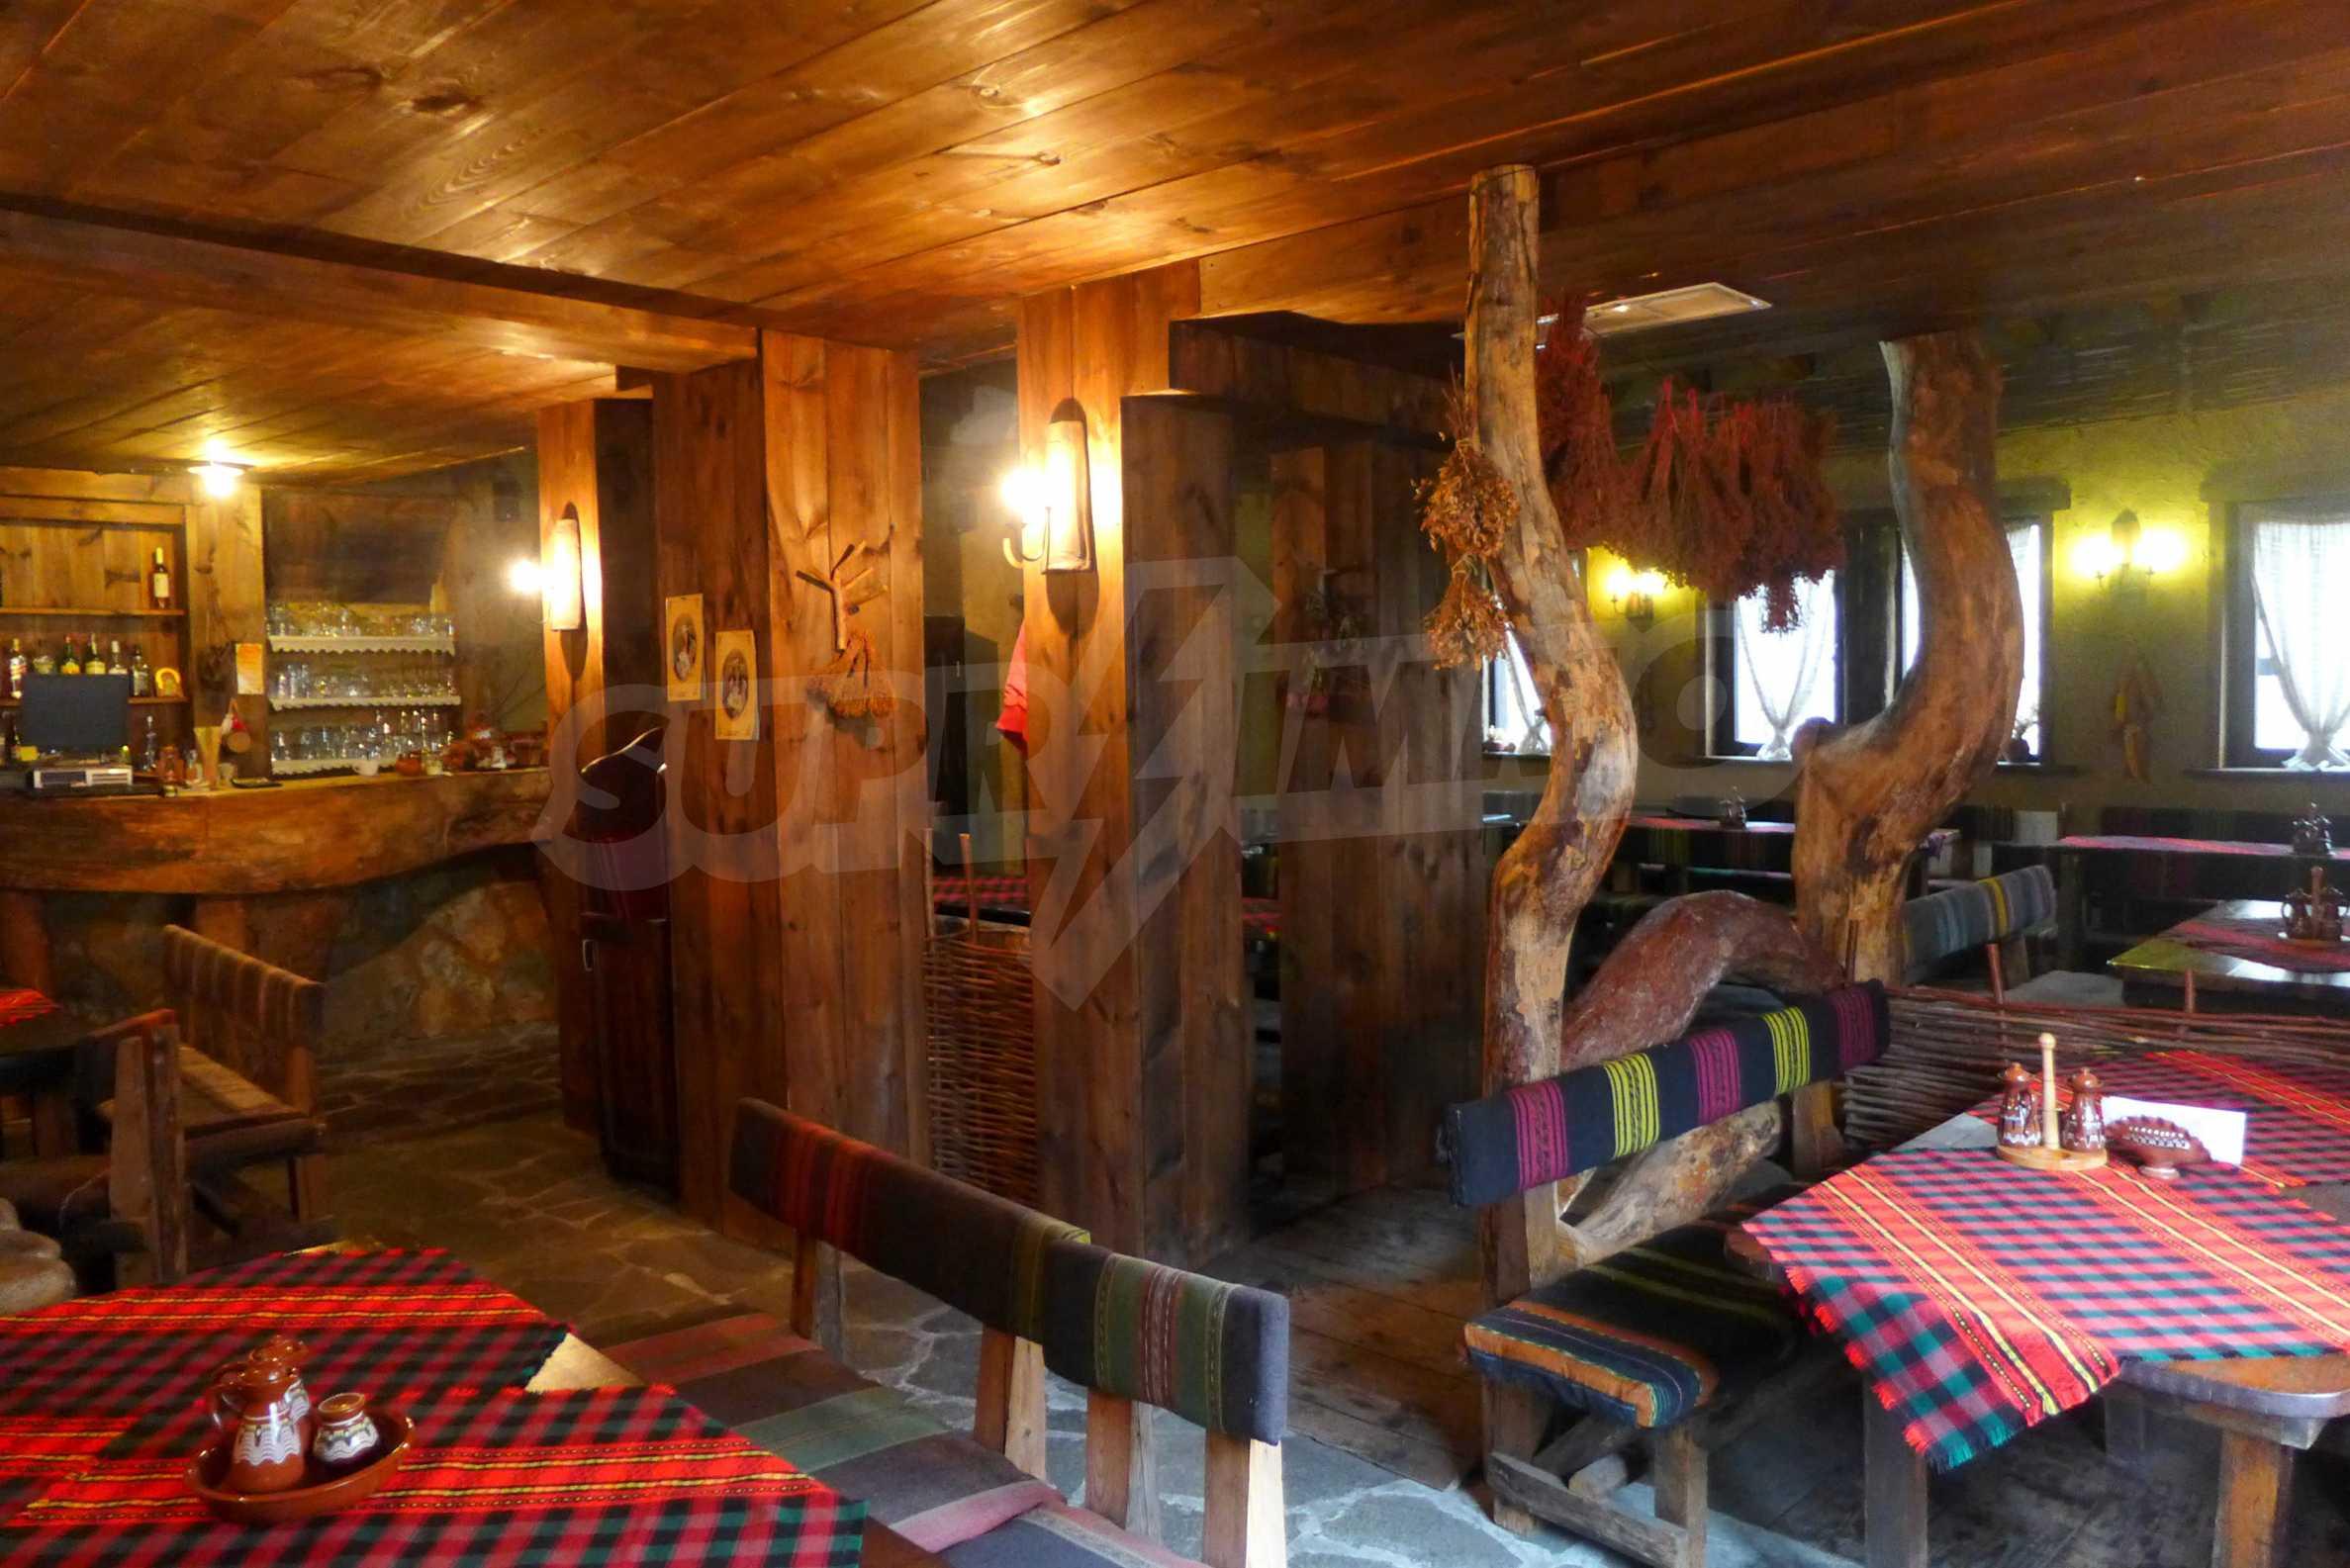 Familienhotel mit Taverne und Schönheitssalon im Kurort Dobrinishte